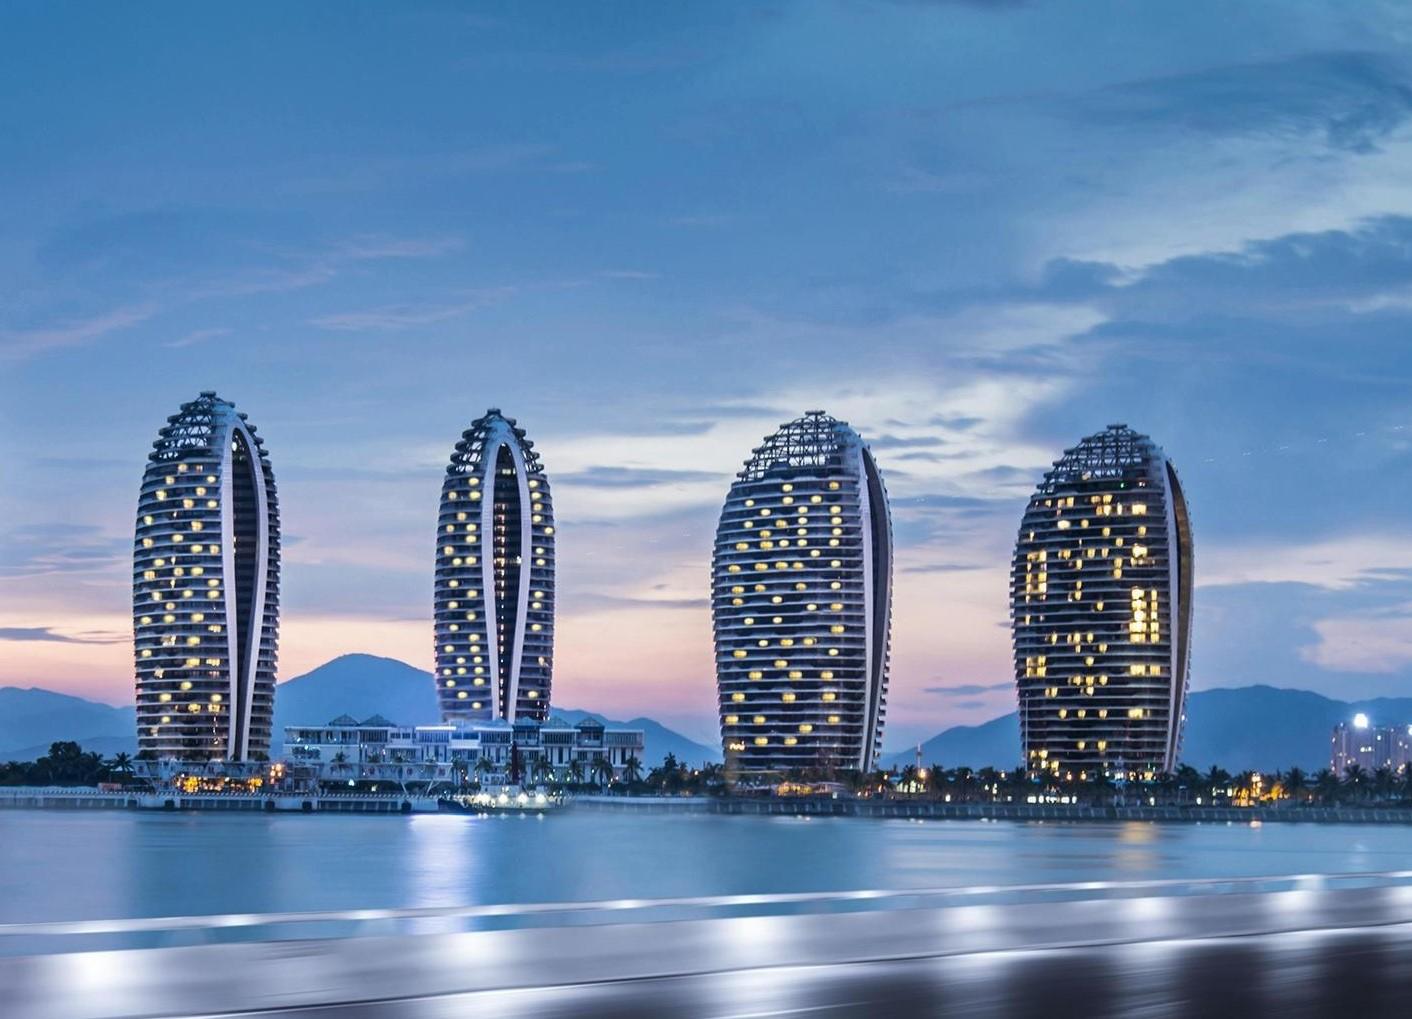 景观照明设计和城市亮化工程如何合理减少光污染-8